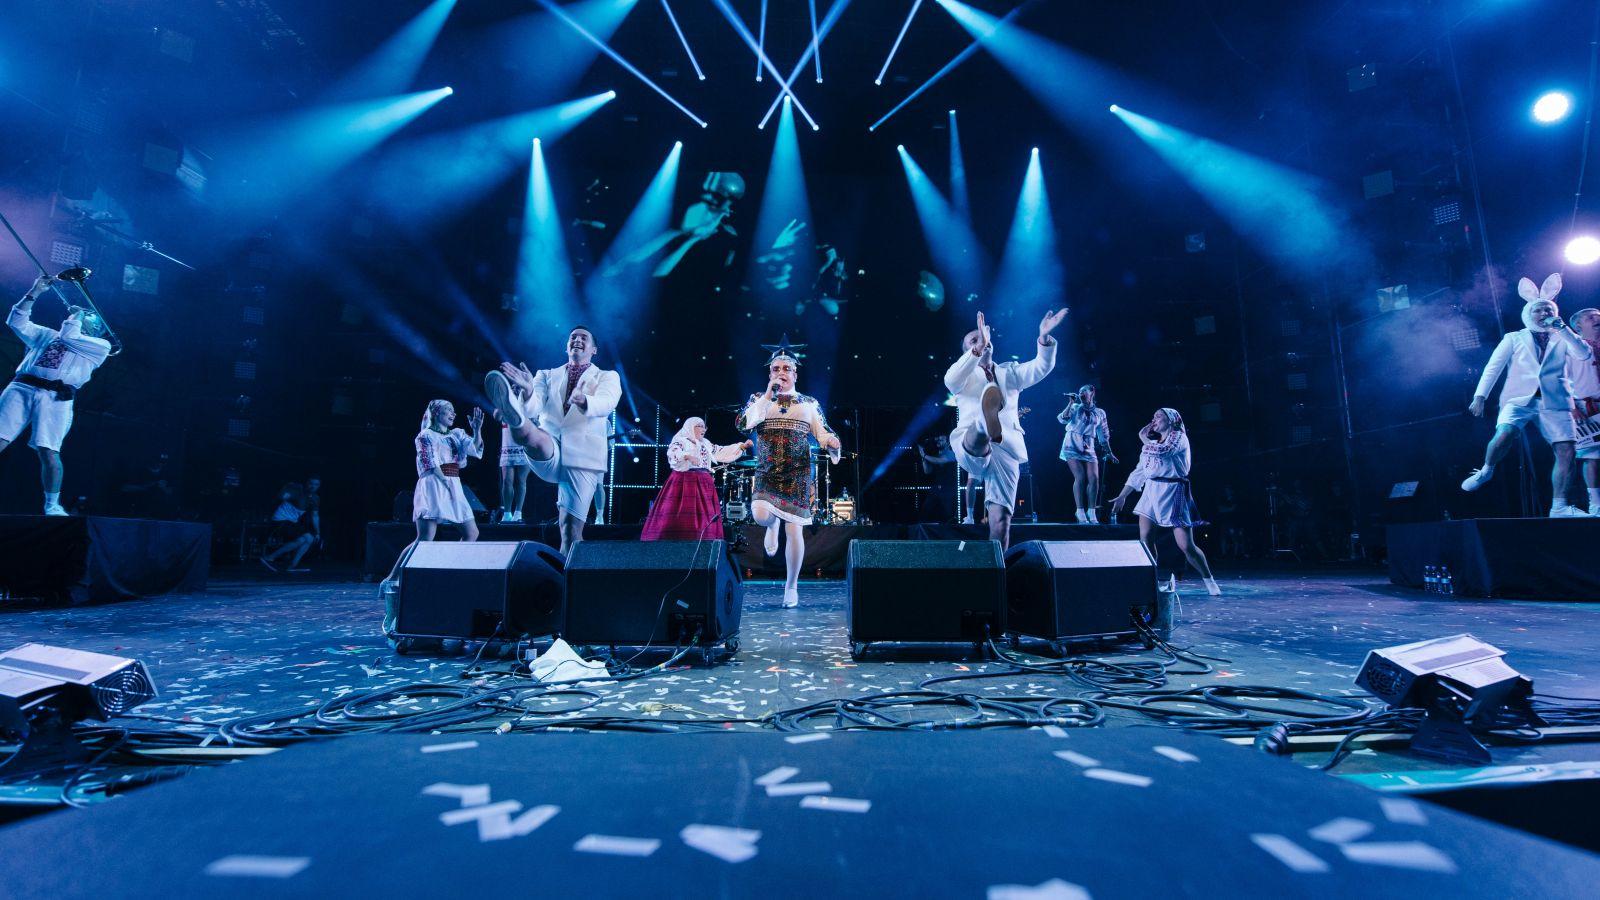 Звезда вернулась: триумфальное возвращение Верки Сердючки на сцене Atlas Weekend 2017